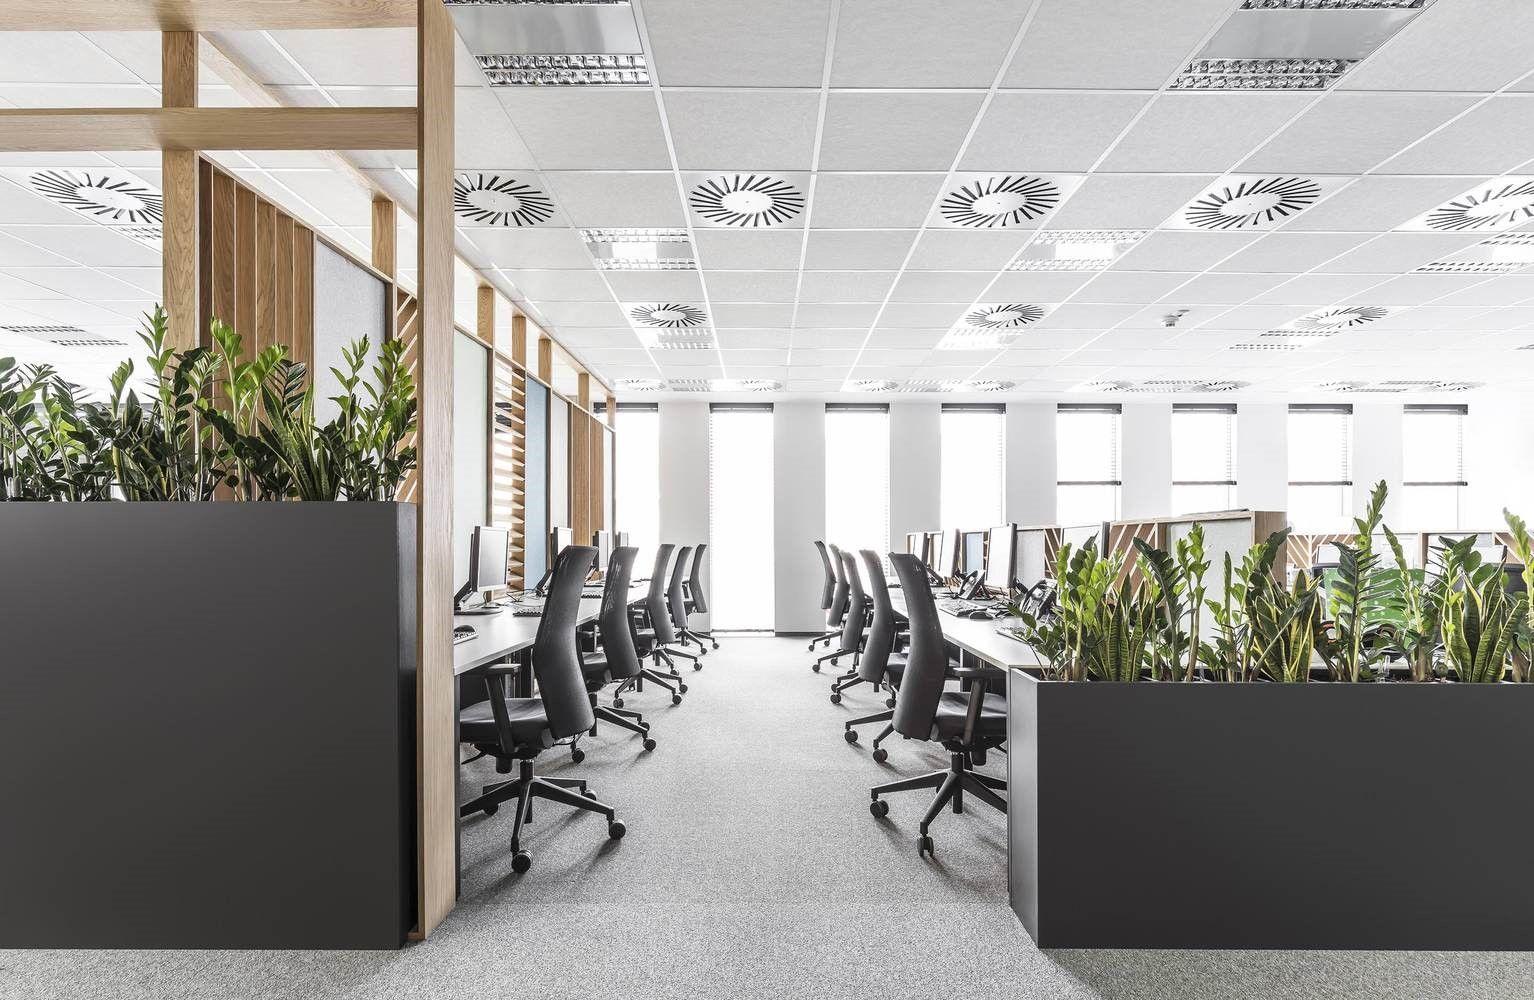 Oficinas en Polonia espacio abierto de puestos de trabajo en Call Center